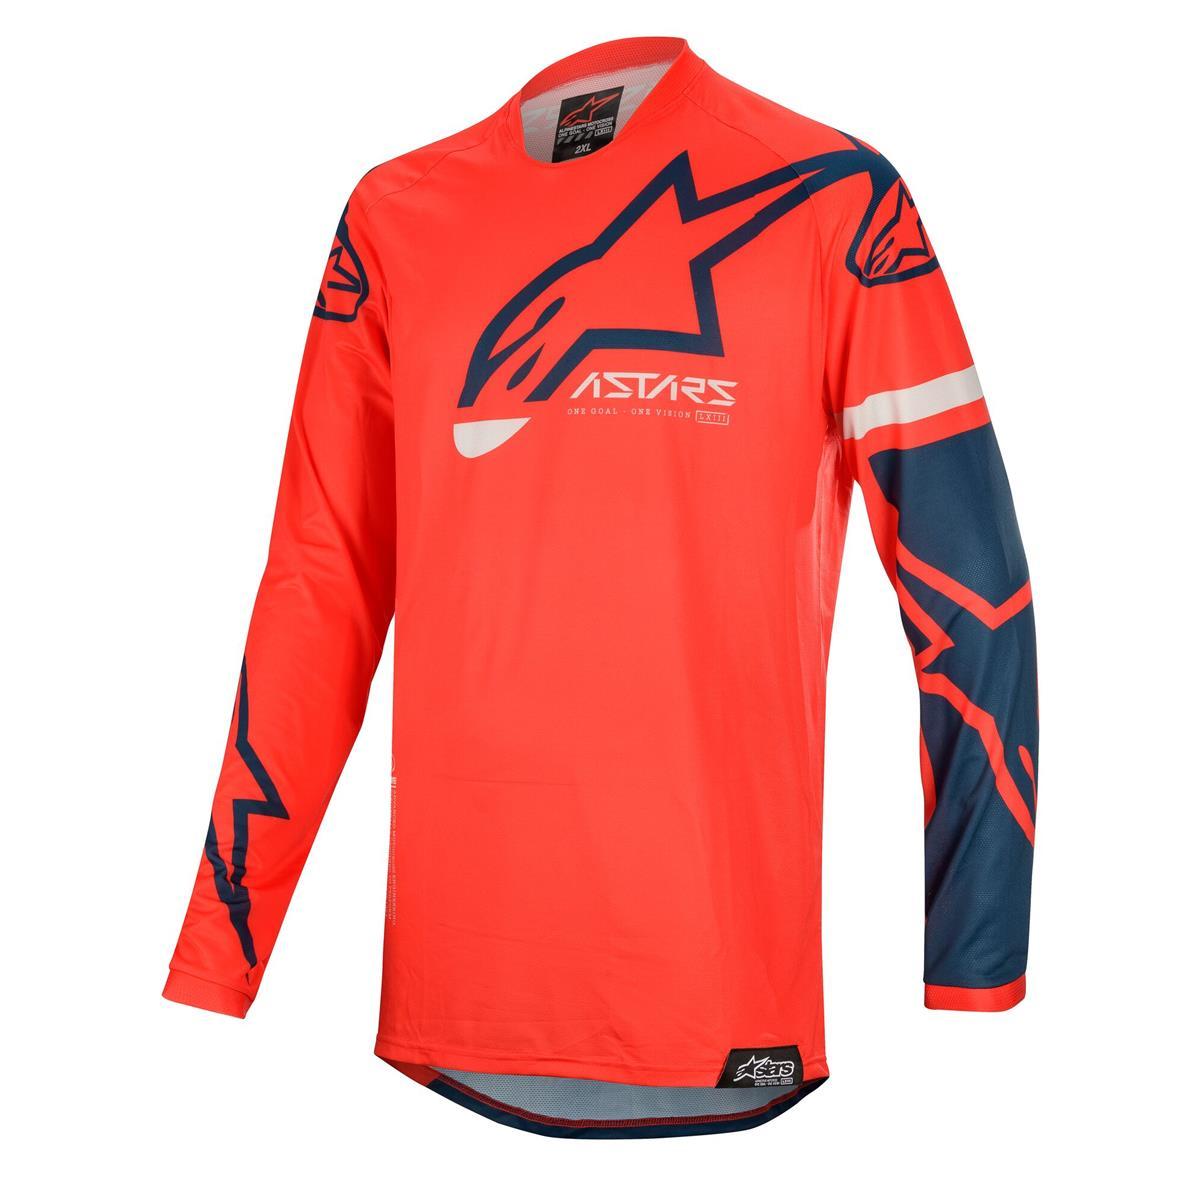 Alpinestars Jersey Racer Tech Compass - Bright Red/Navy